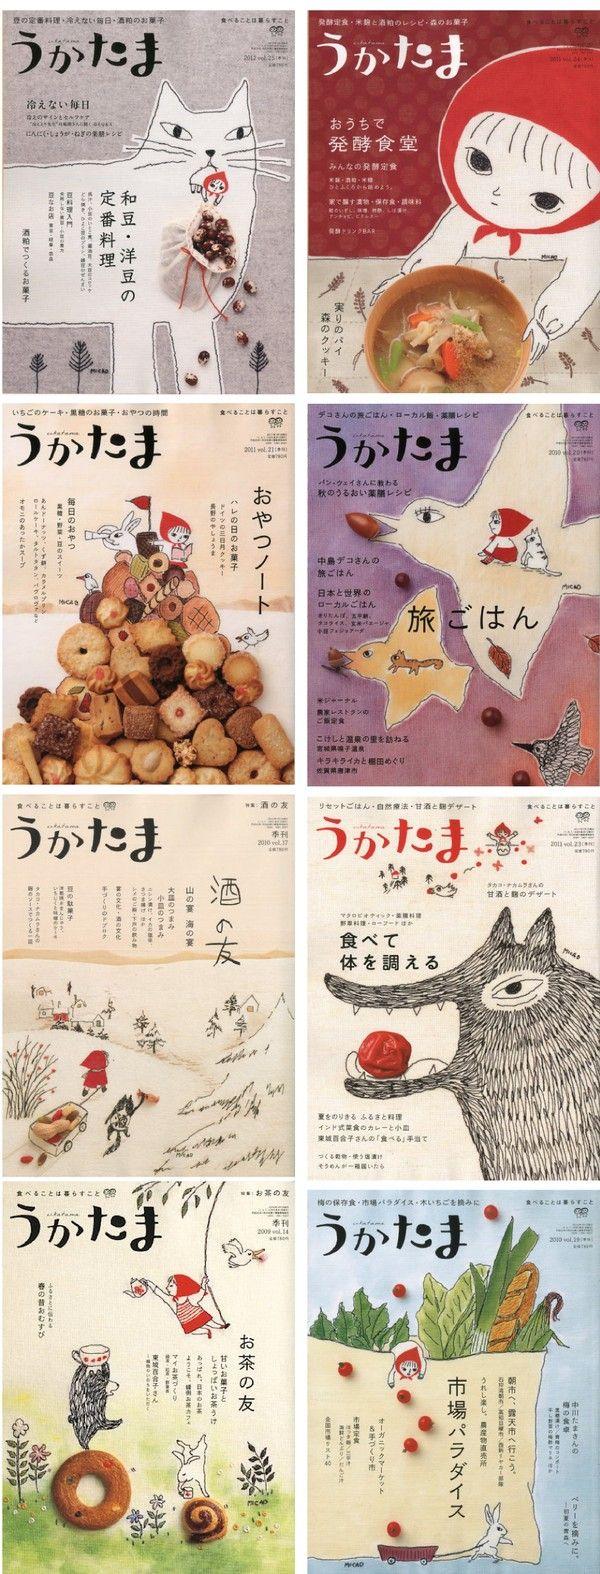 食物杂志《うかたま》封面 - 平佐実香 Micao